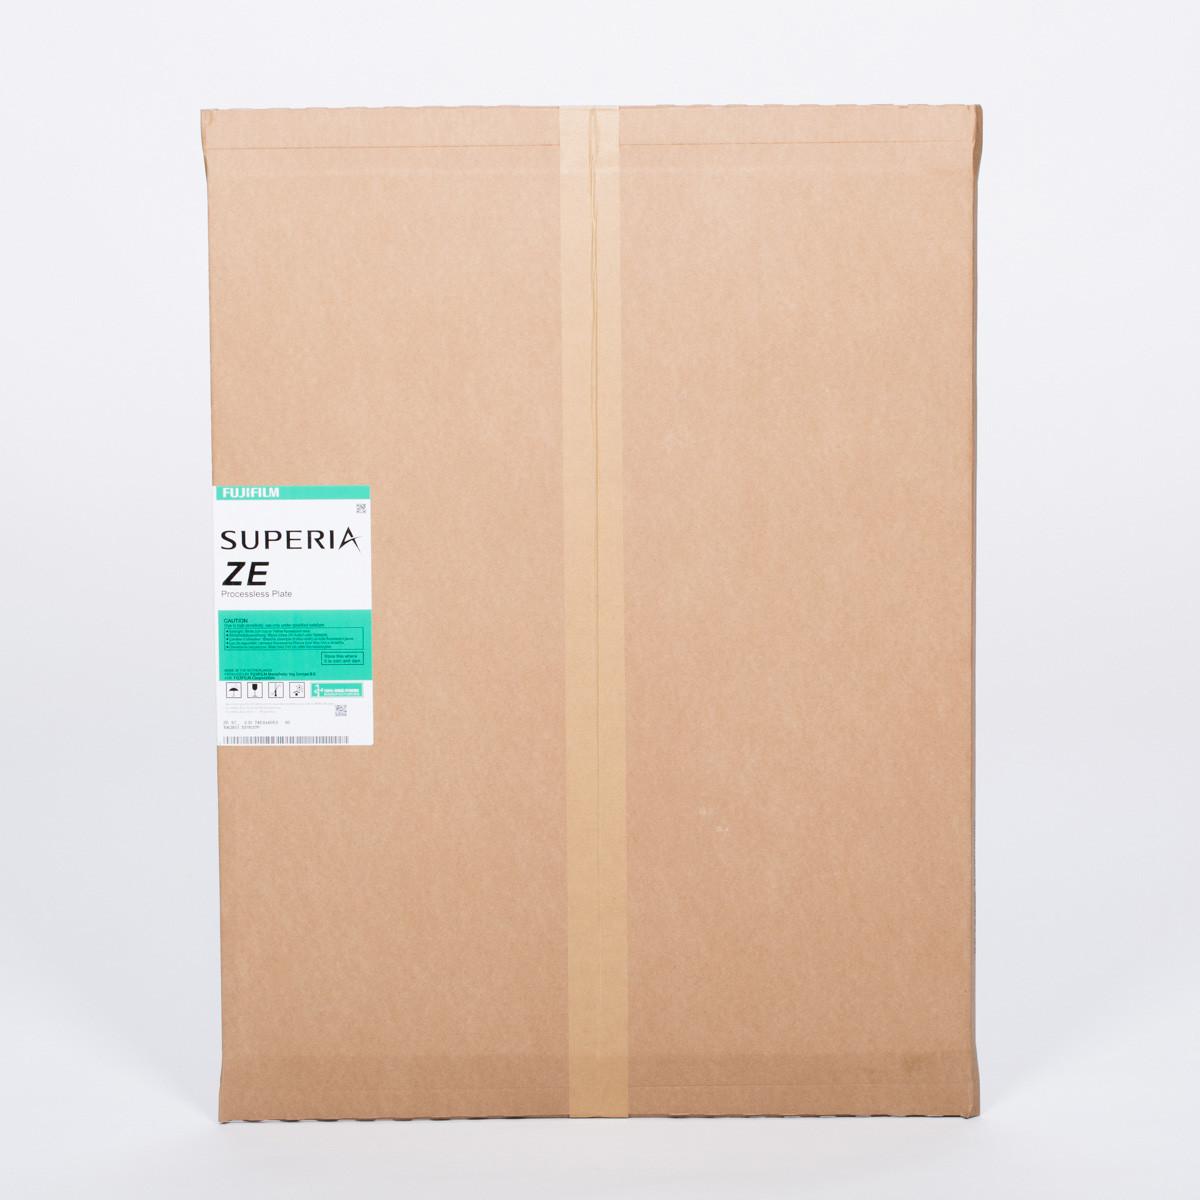 FUJI SUPERIA ZE ST 1050x795x0,30x30